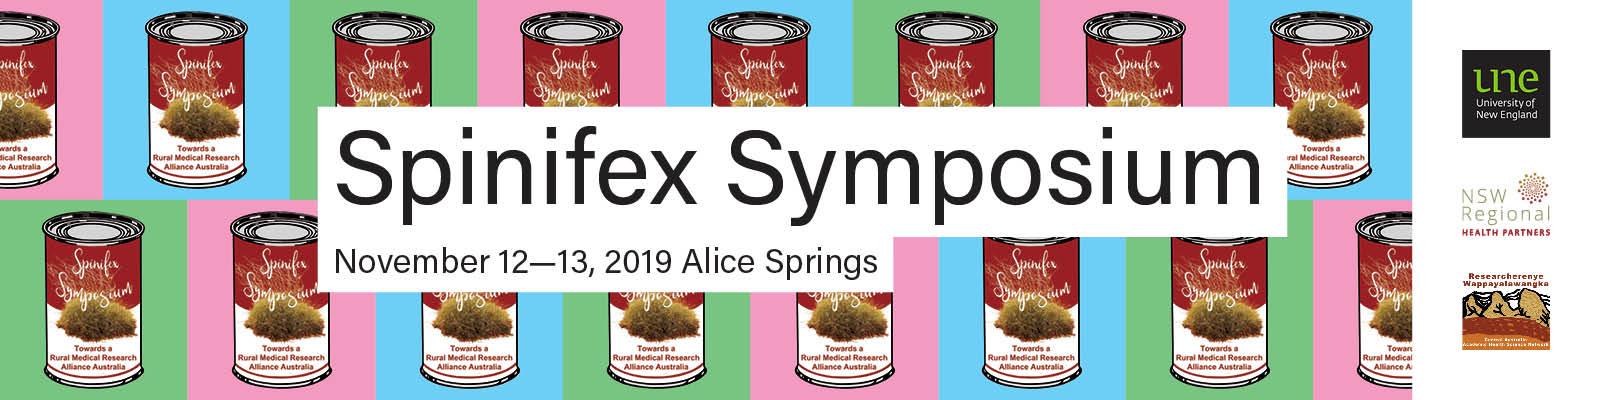 The Spinifex Symposium